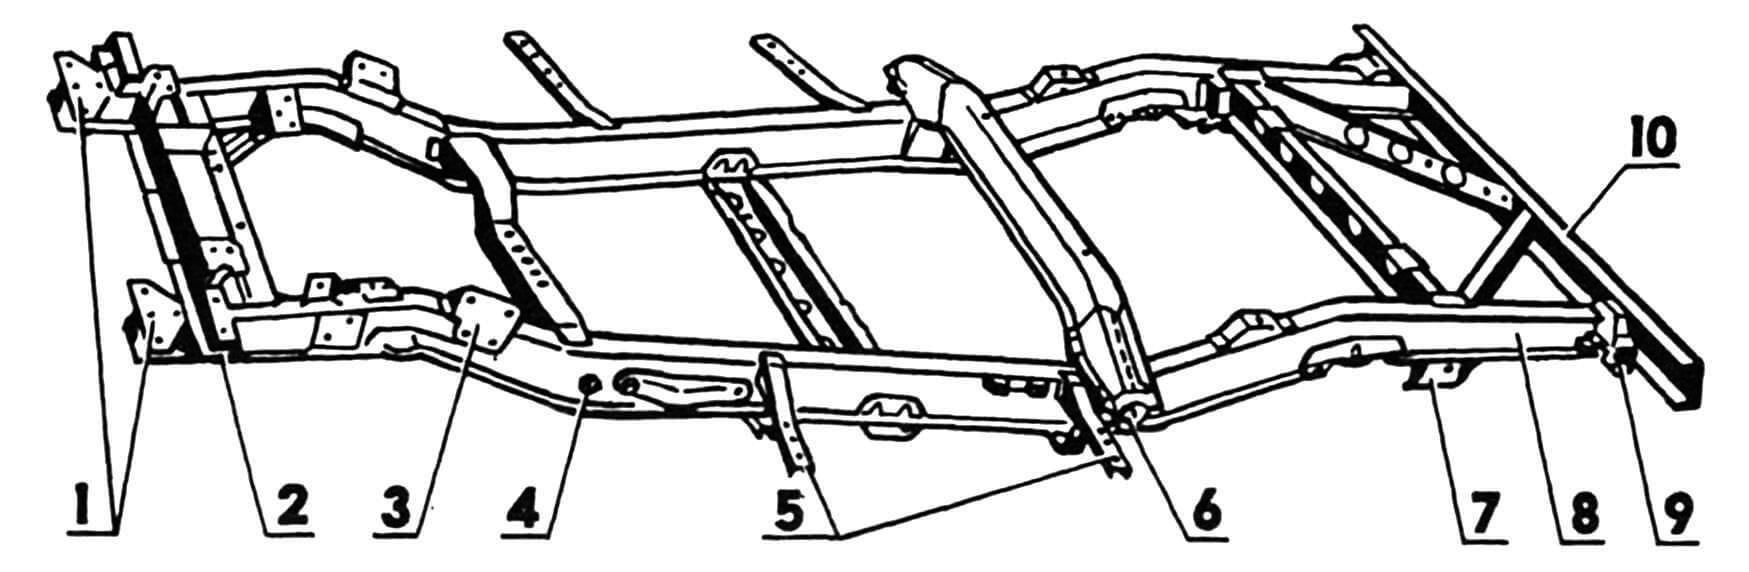 Рама: 1 — кронштейны крепления переднего бампера, 2 — кронштейн крепления серьги передней рессоры, 3 — кронштейн амортизатора передней рессоры, 4 — крепление заднего конца передней рессоры, 5 — кронштейны навески кузова, 6 — крепление переднего конца задней рессоры, 7 — кронштейн амортизатора задней рессоры, 8 — лонжерон, 9 — кронштейн крепления серьги задней рессоры, 10 — поперечина крепления задних бамперов и буксирного устройства.